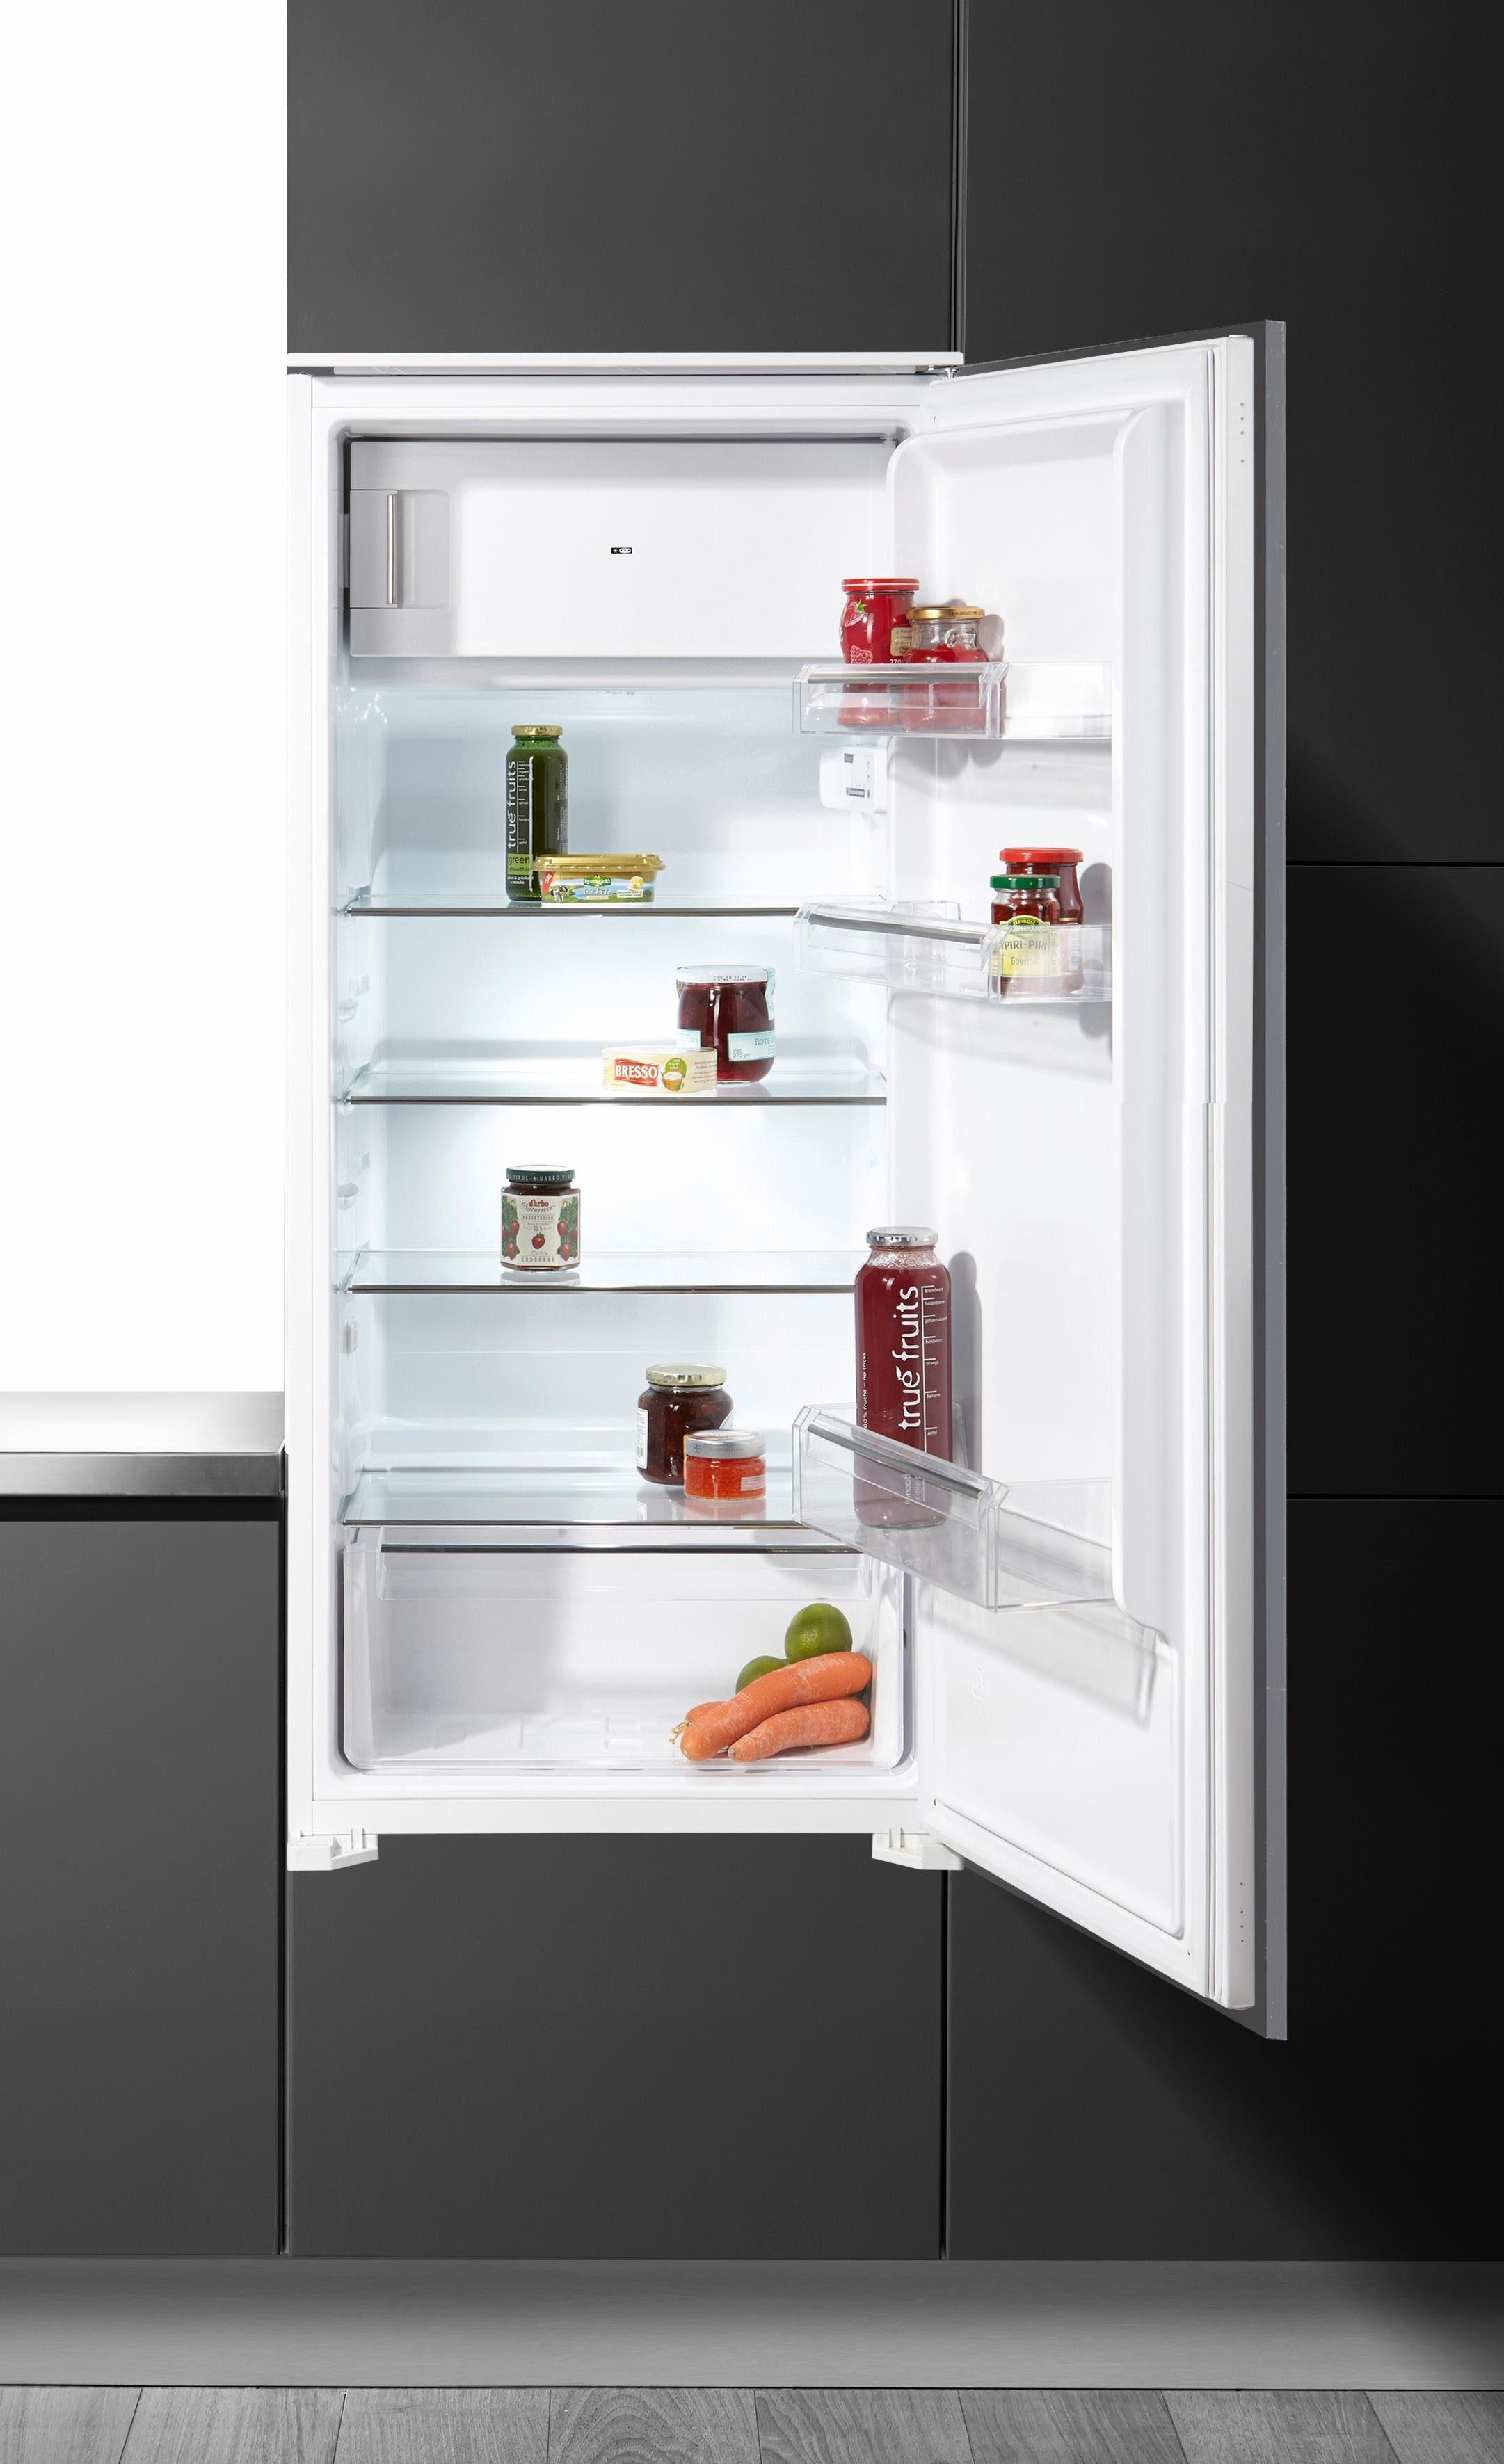 Hanseatic Einbaukühlschrank HEKS12254GA1, Energieklasse A+, 121 cm hoch